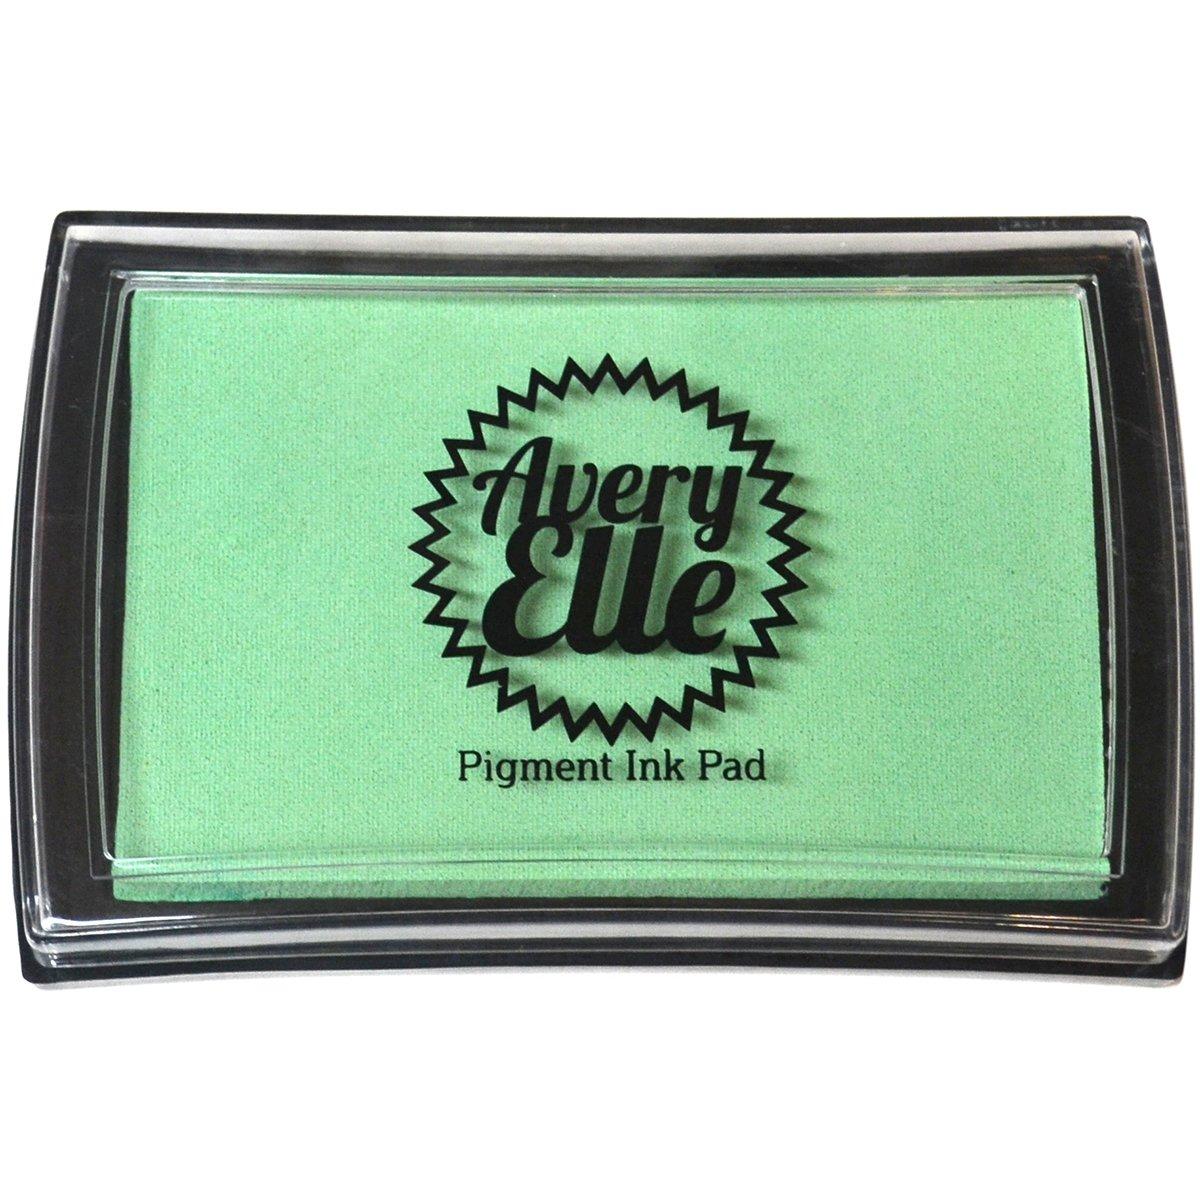 Avery Elle-Tampone inchiostro pigmentato, colore: verde menta a essere 383933